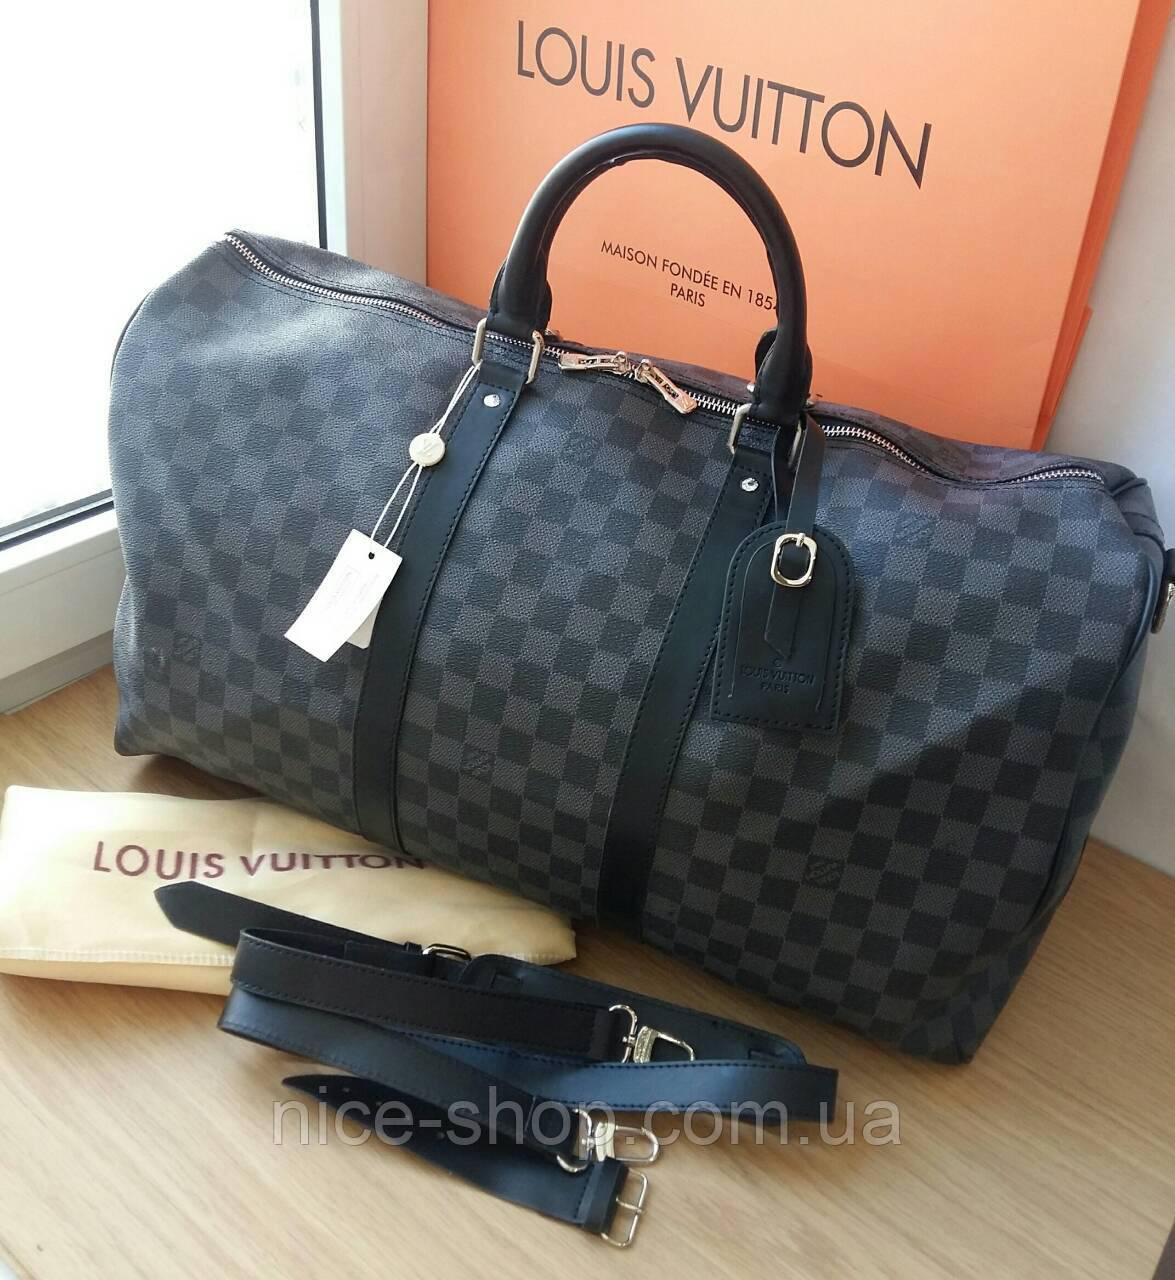 Сумка Louis Vuitton Keppall, 55 см, серая шахматка, Люкс, фурнитура серебро